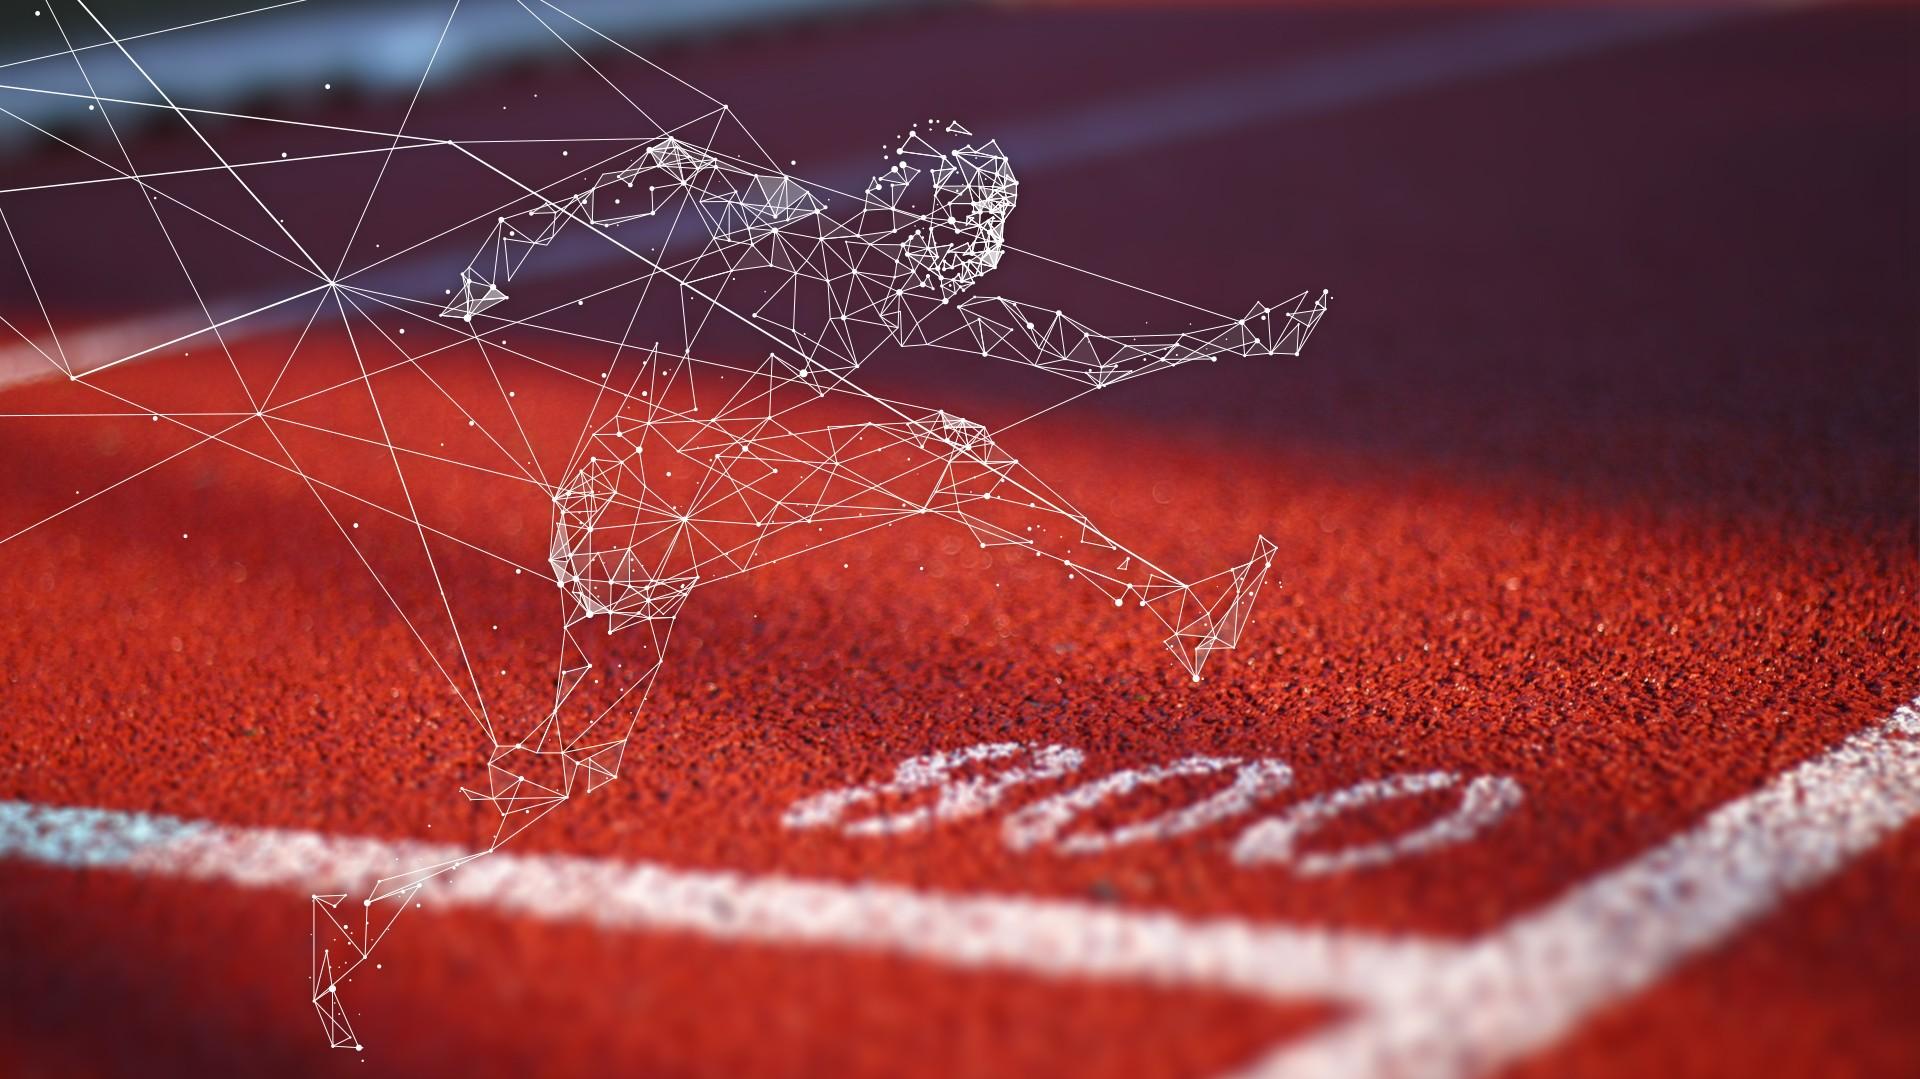 Forum Sport und Praxis - Wissenschaftliche und anwendungsorientierte Sportveranstaltungen